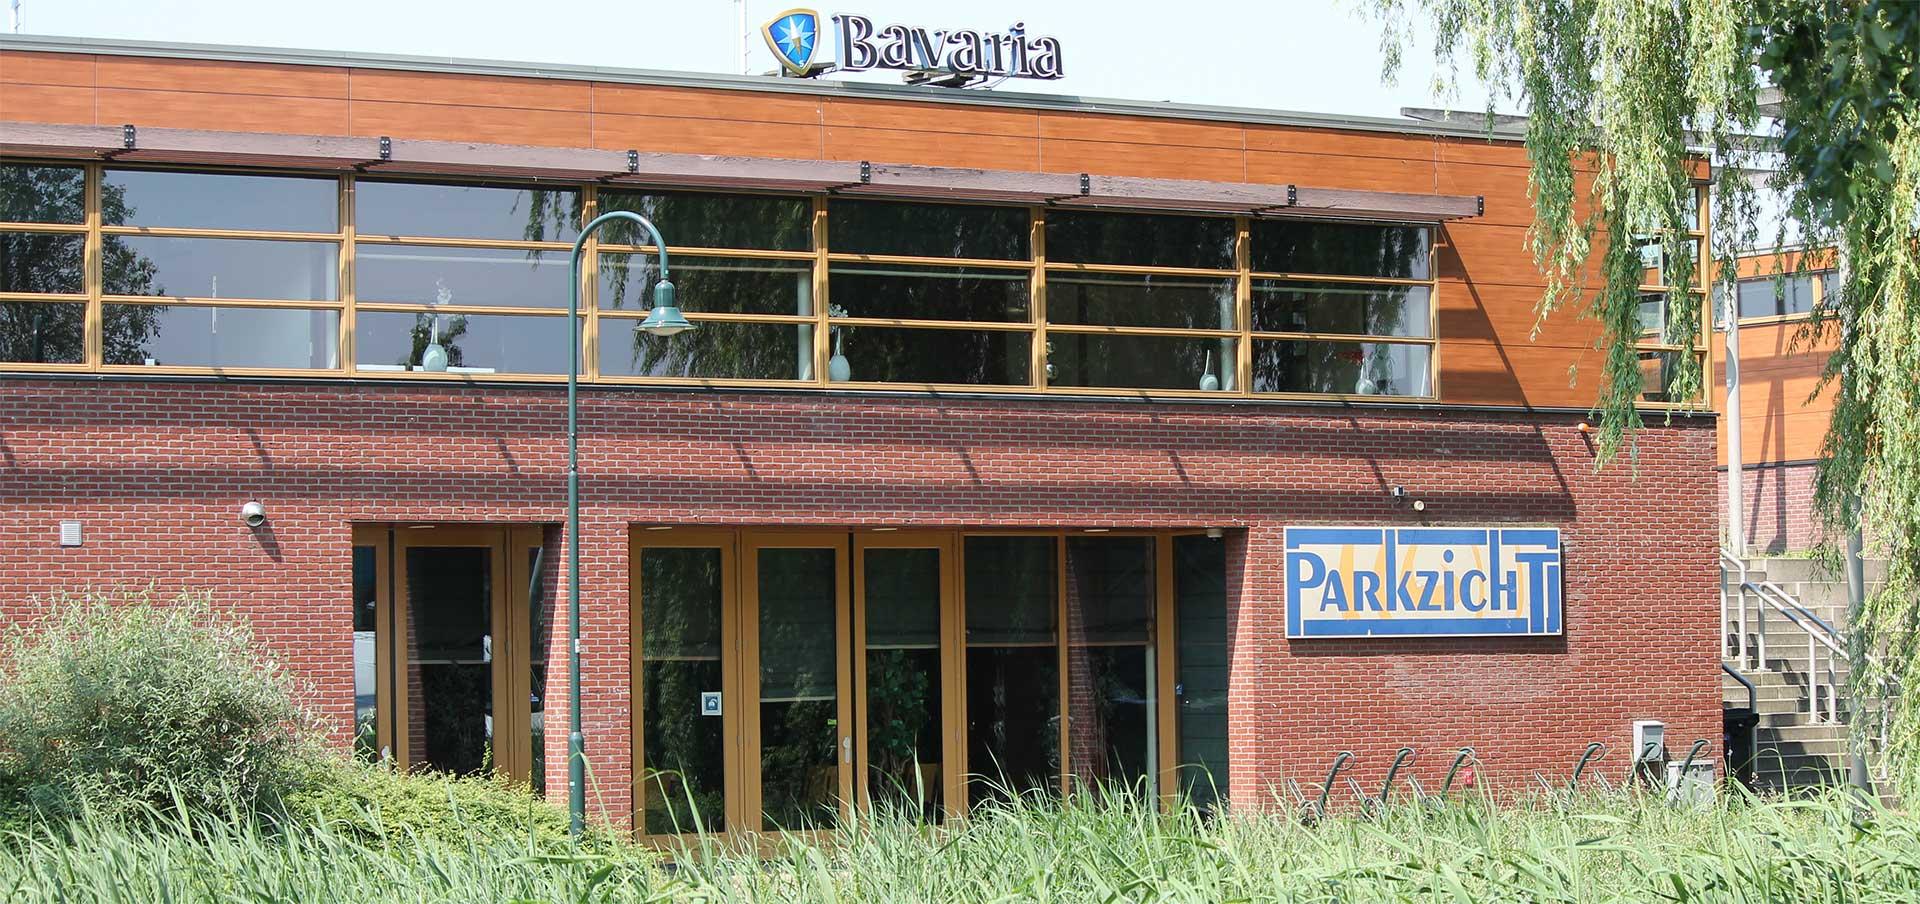 Parkzicht Dierdonk locatie